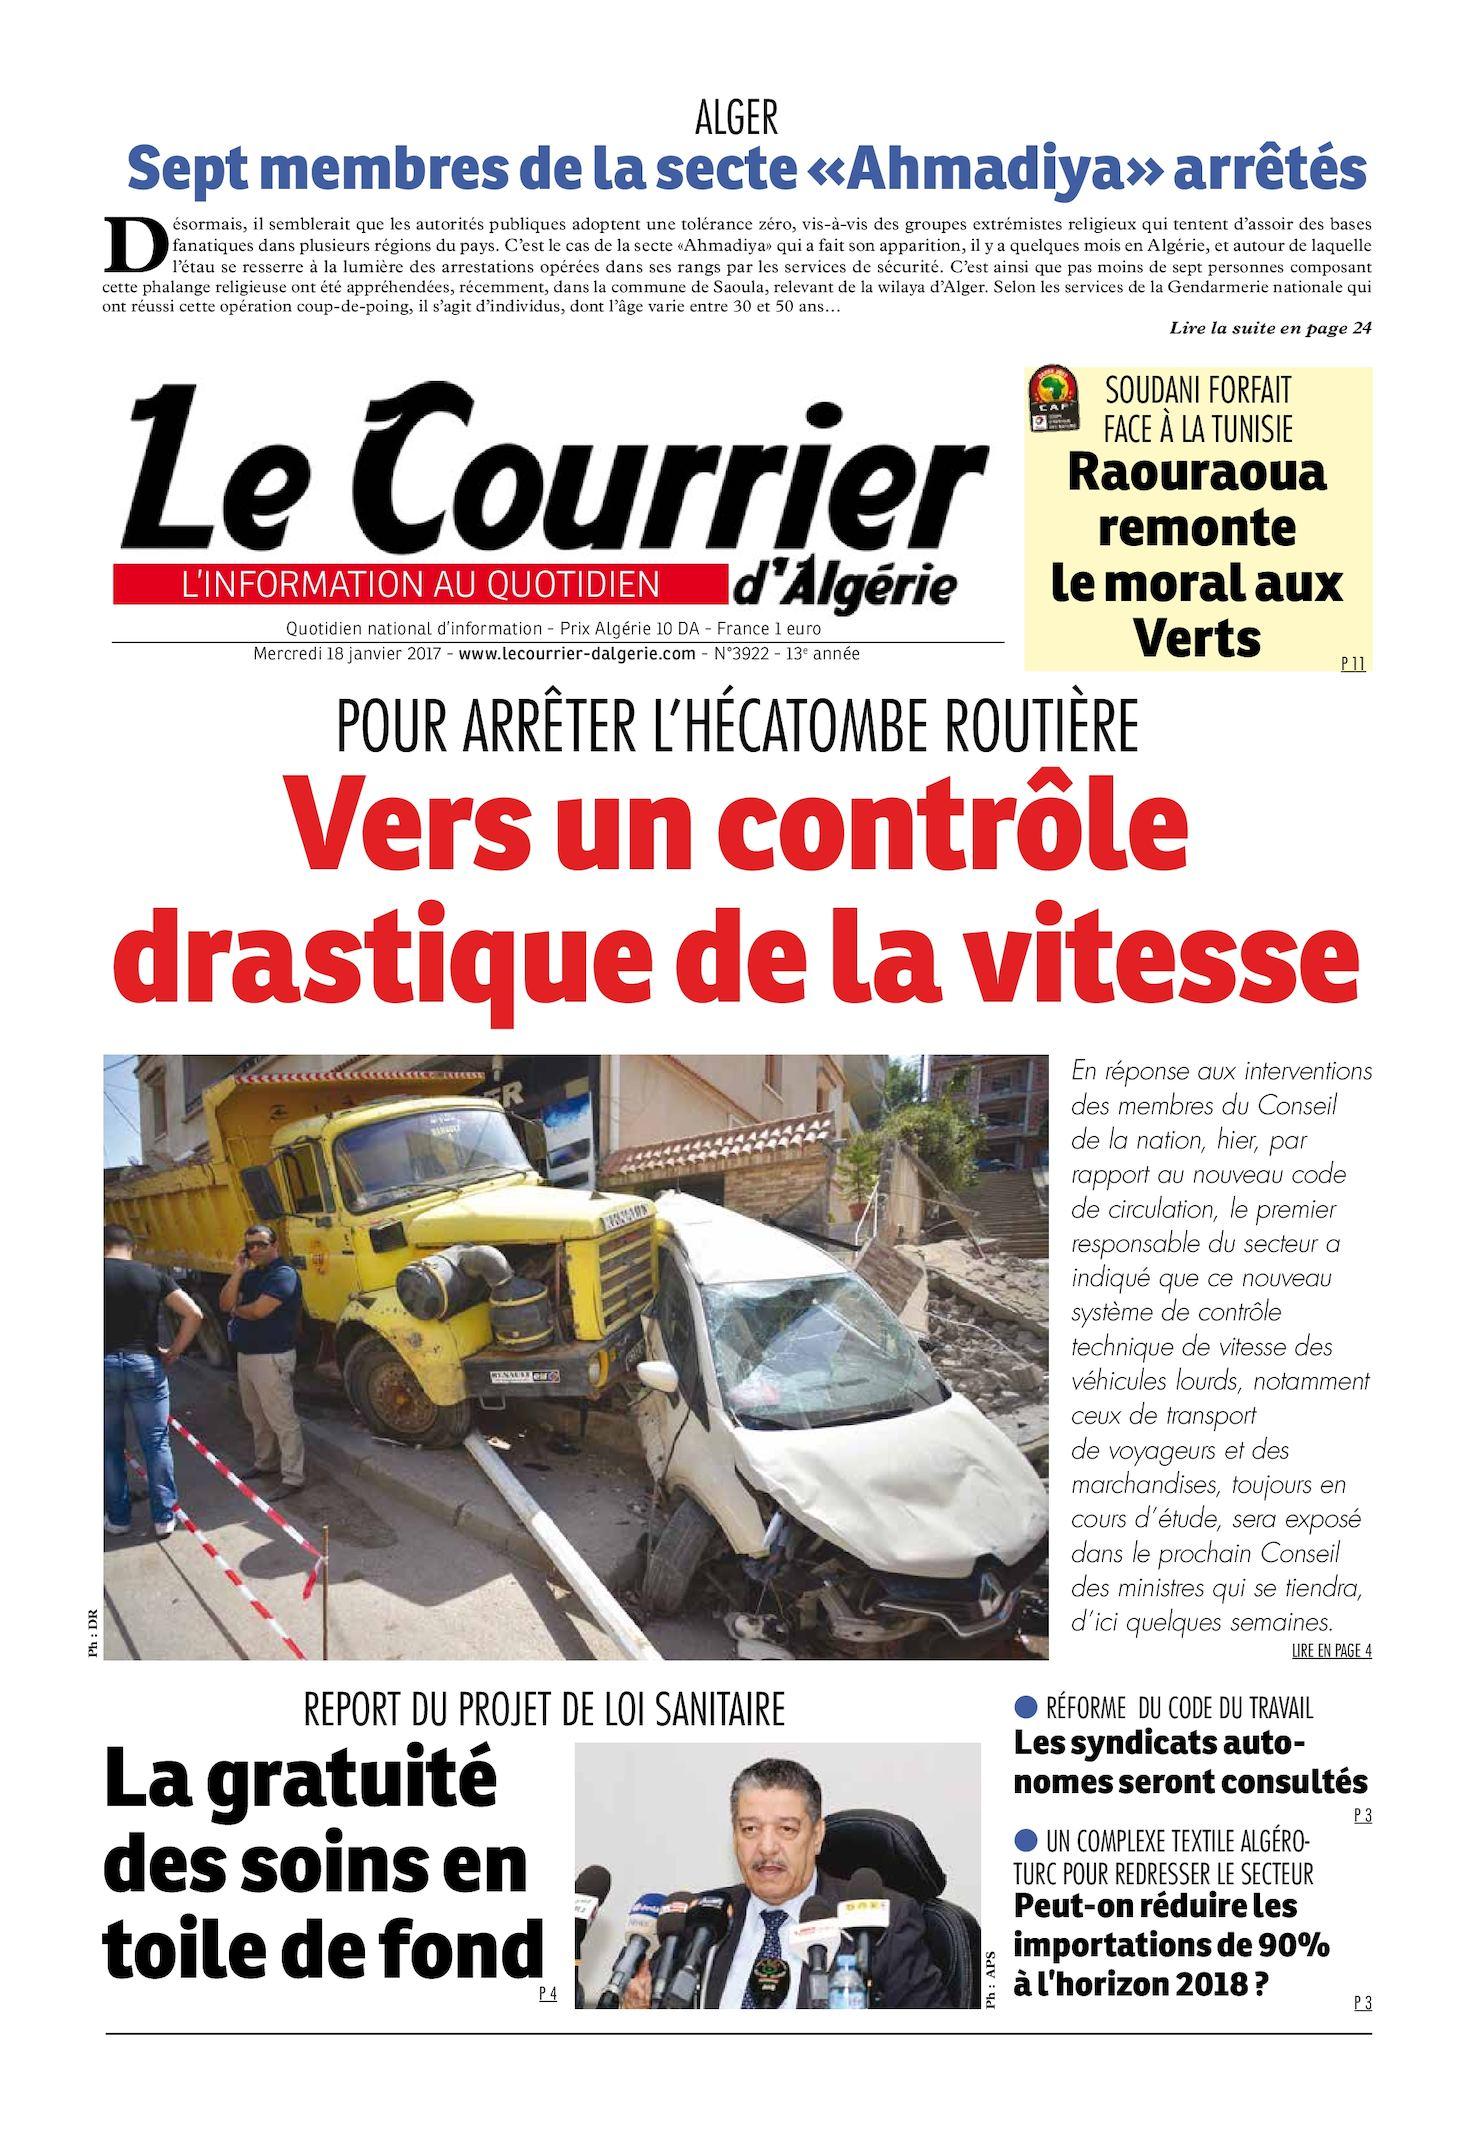 Le Courrier D'Algérie Du Mercredi 18 Janvier 2017